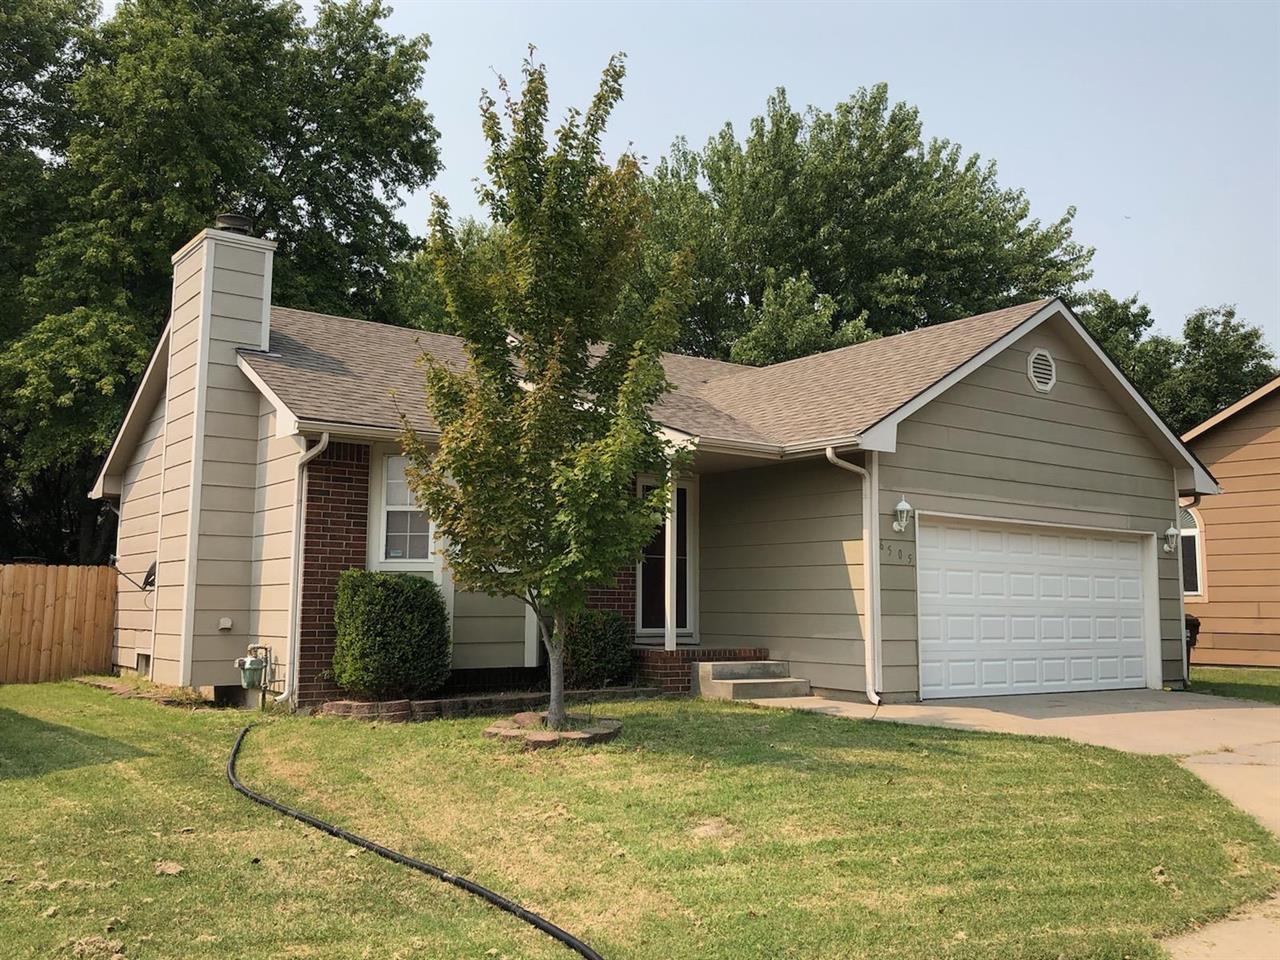 For Sale: 6505 E 39th Ct N, Wichita, KS 67226,